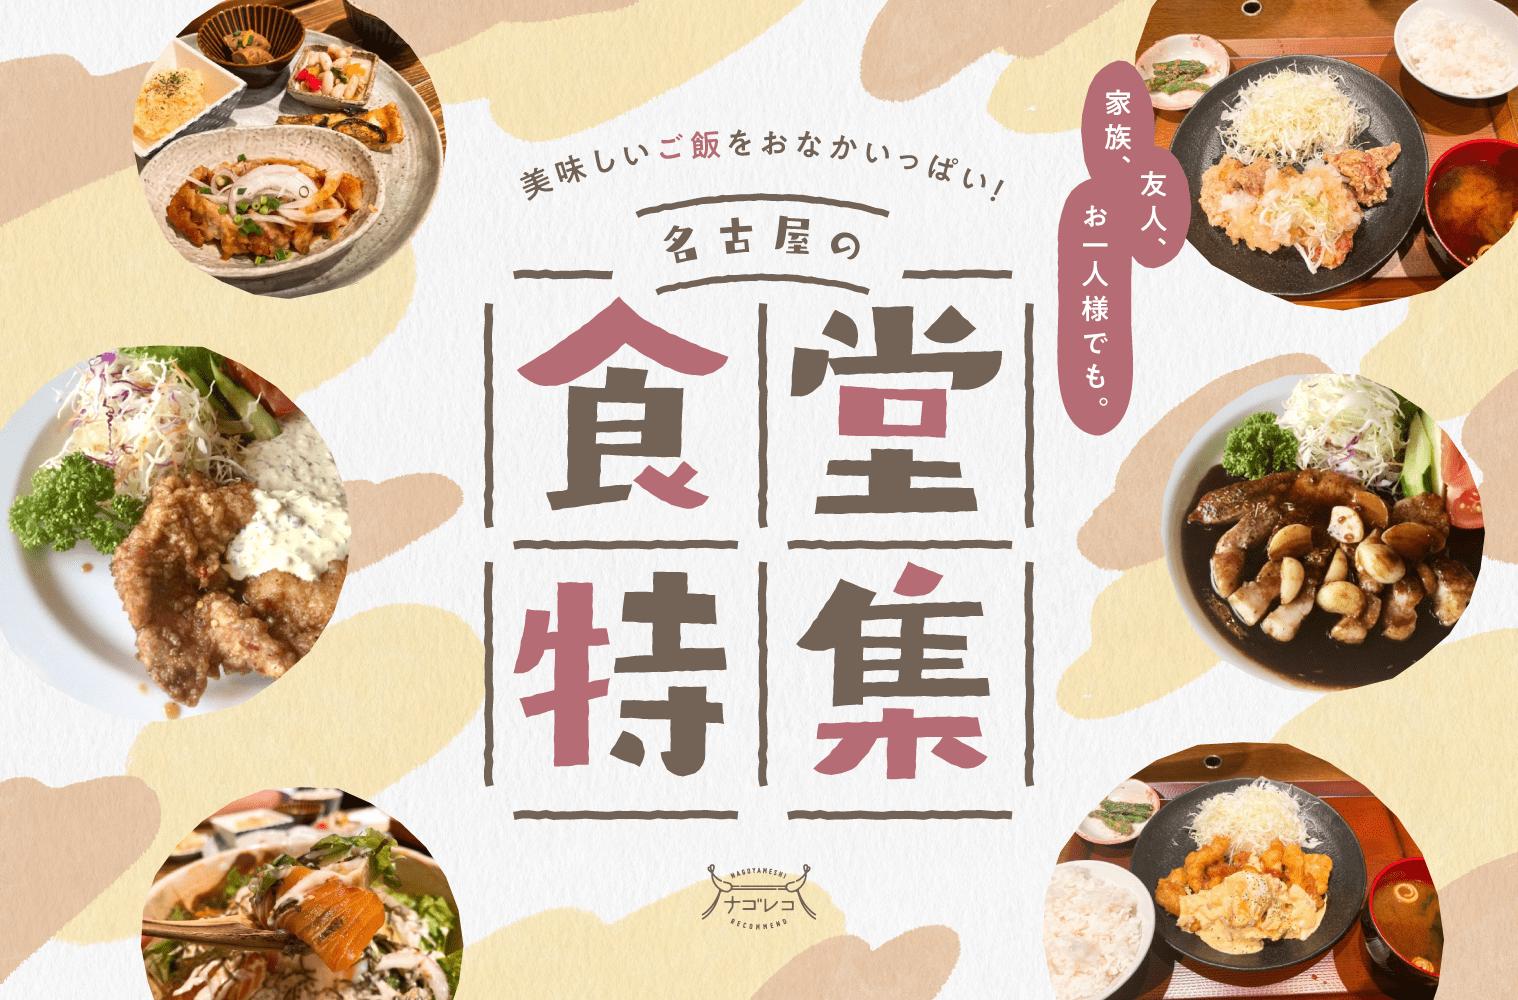 まとめ|家族、友人、お一人様でも。美味しいご飯をお腹いっぱい!名古屋の食堂特集